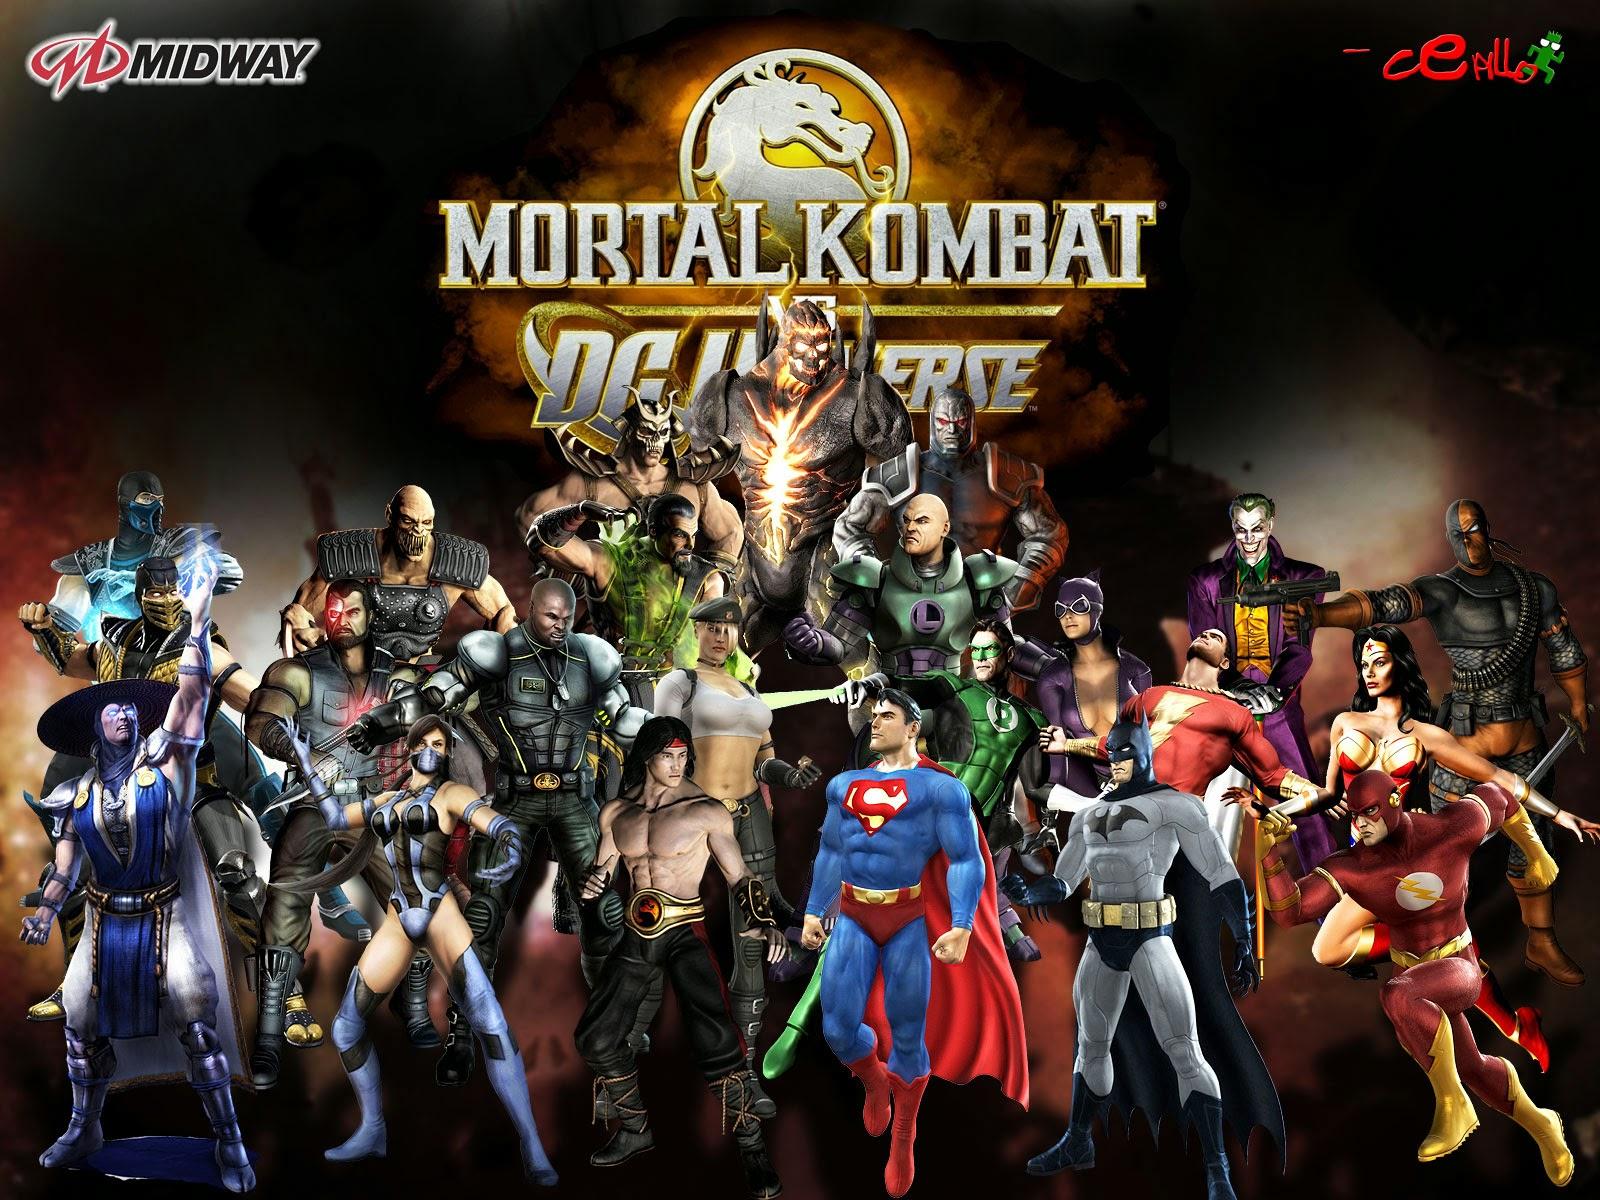 Mortal Kombat vs. DC Universe (Game) - Giant Bomb